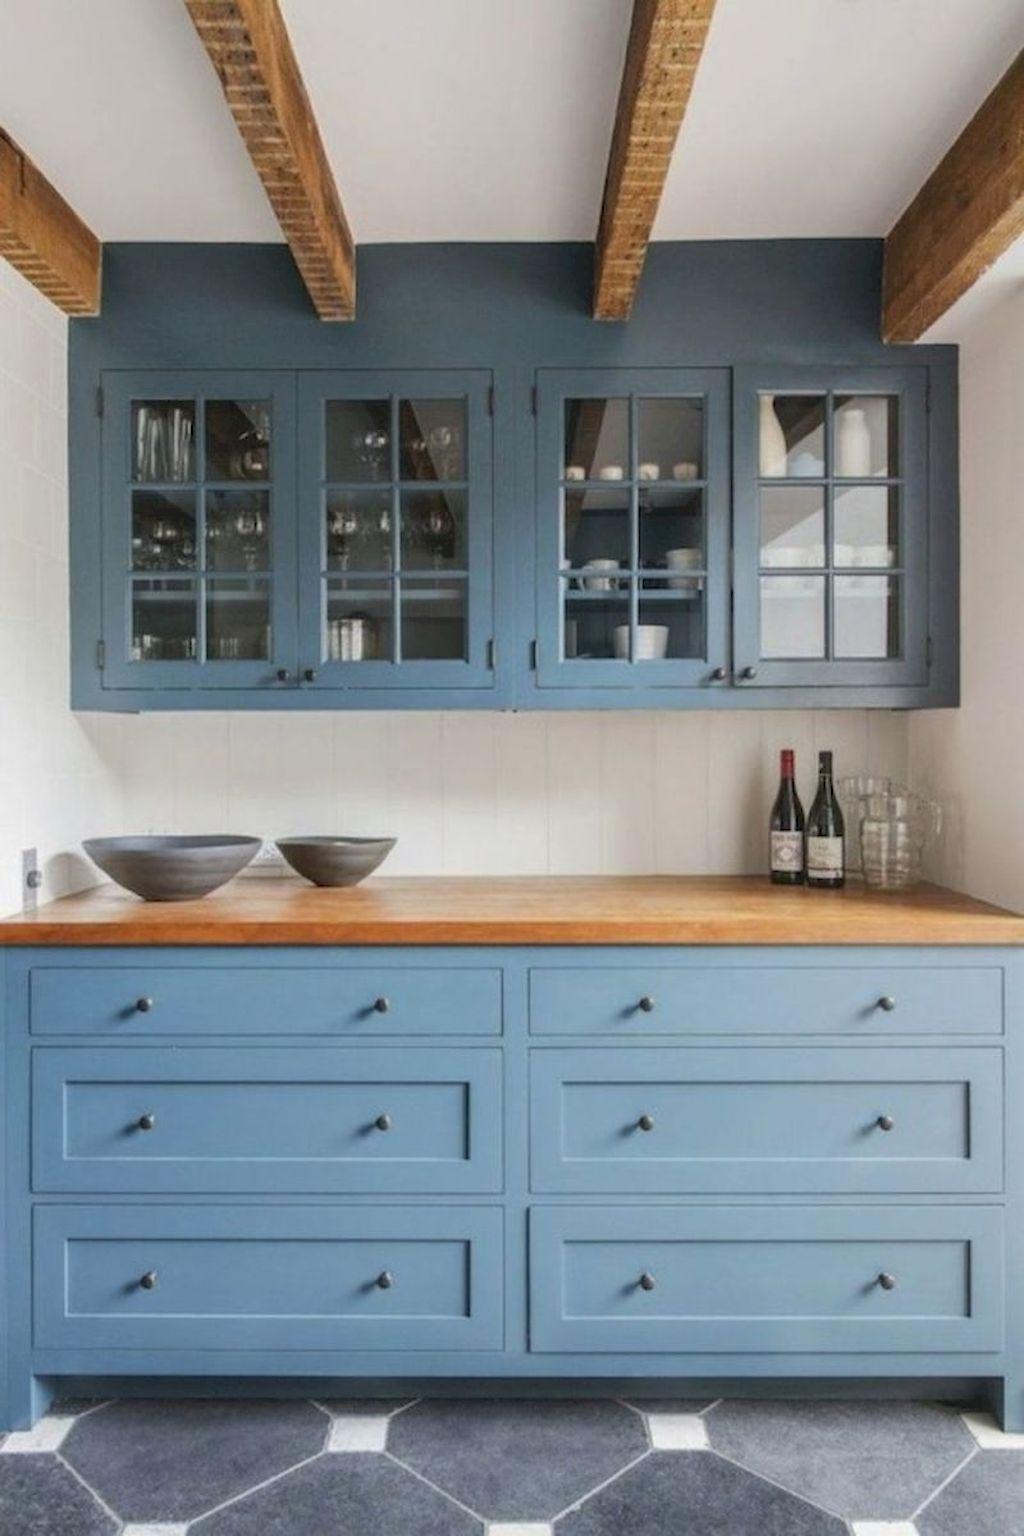 32 modern farmhouse kitchen cabinet makeover design ideas | Kitchen ...